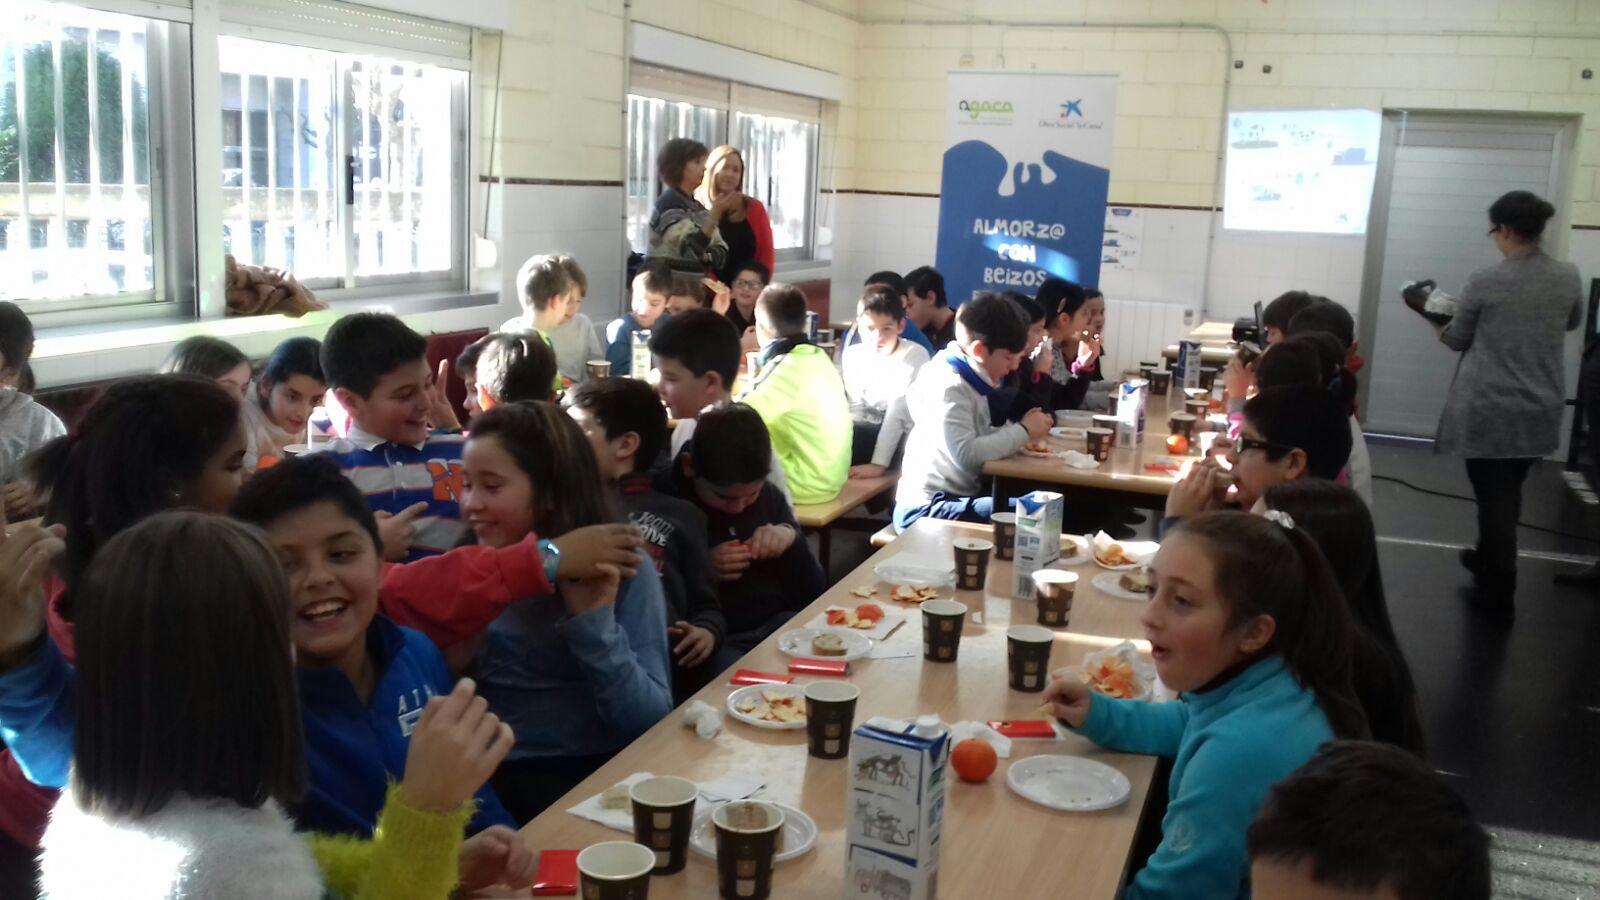 """Cincuenta escolares de A Coruña prueban un """"Almorz@ con Beizos Brancos"""" con Obra Social """"la Caixa"""" y AGACA"""